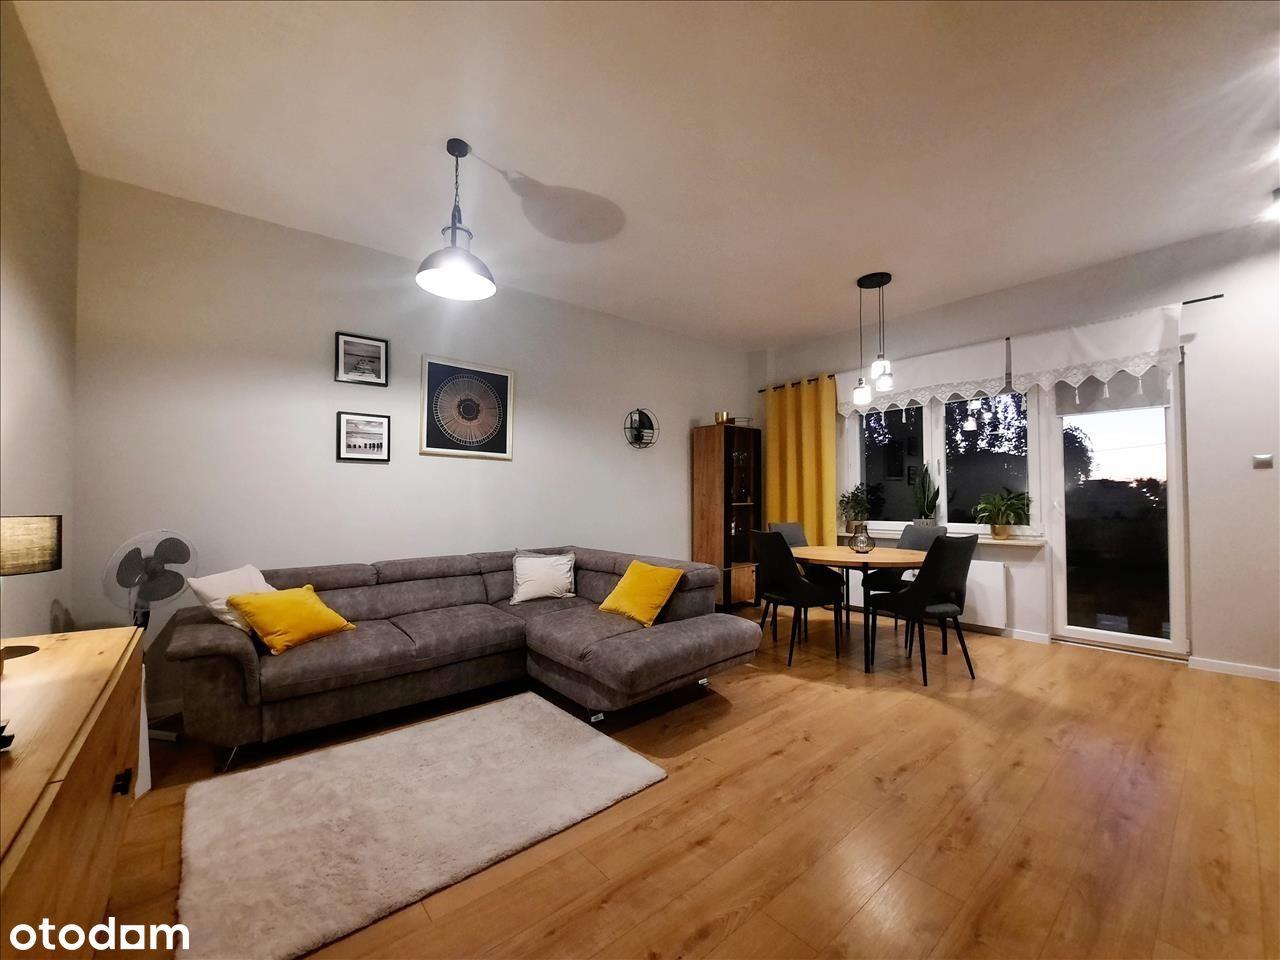 Apartament o wysokim standardzie - 81 m2, Rybnik